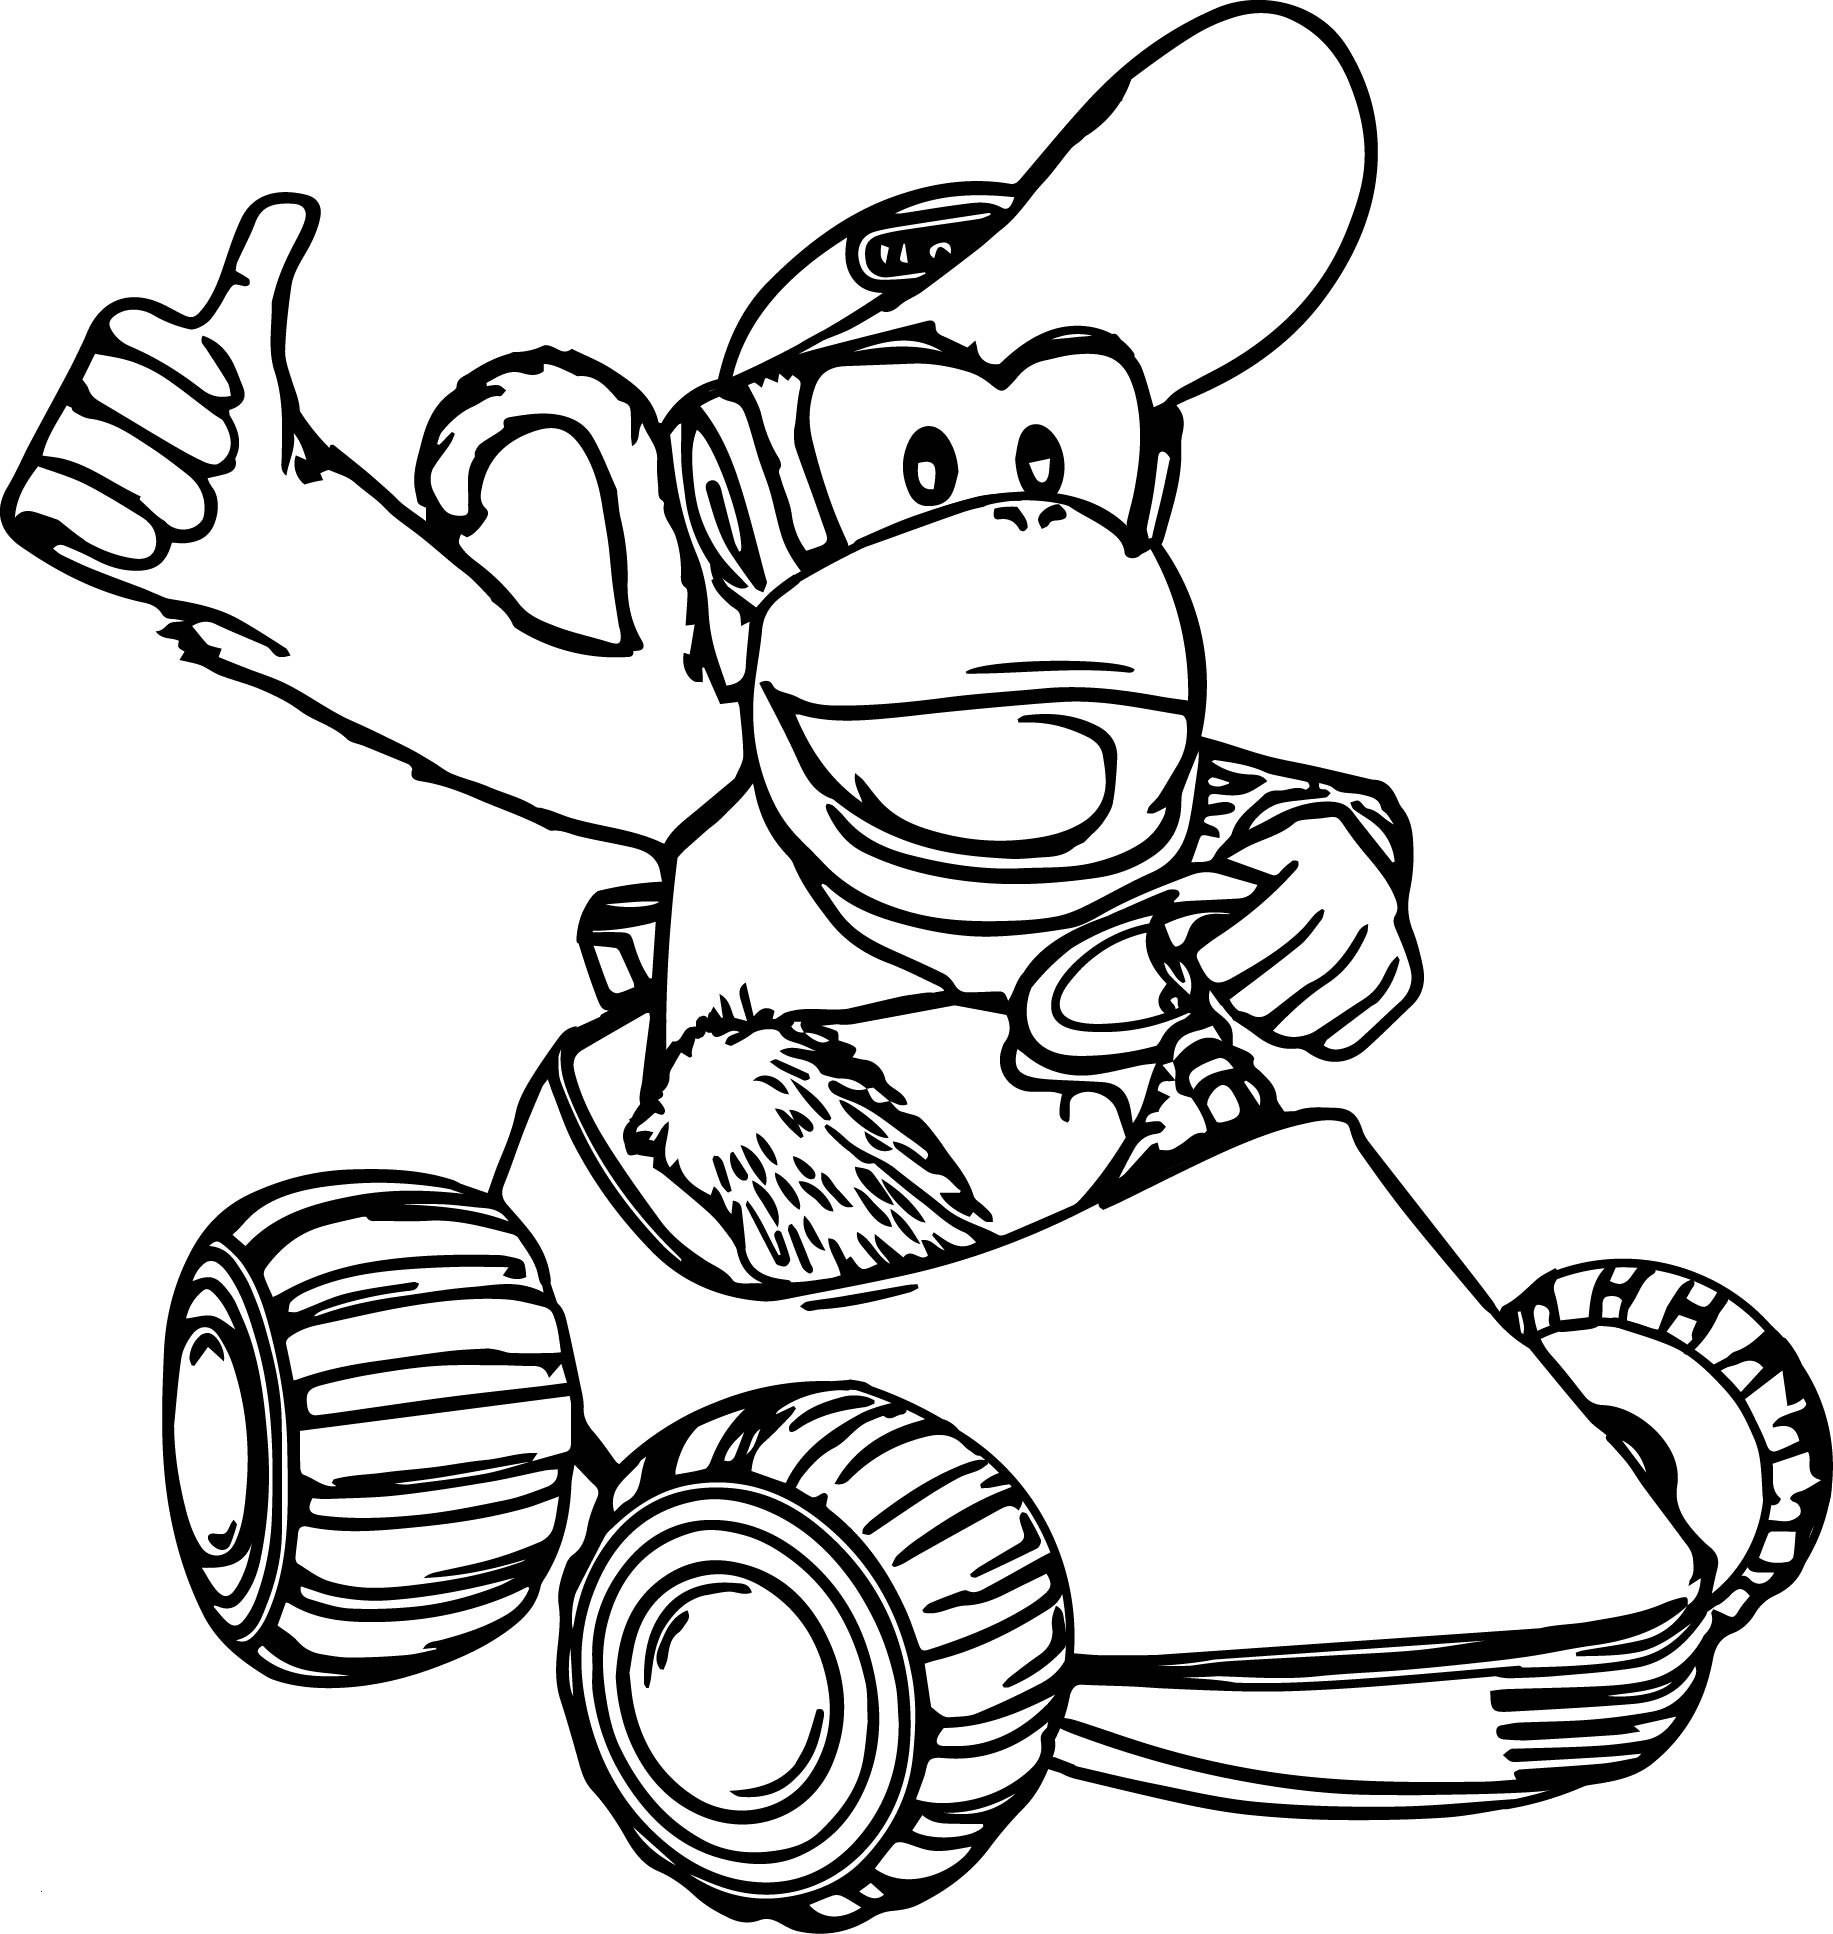 Mario Kart Ausmalbilder Frisch Mario Bros Ausmalbilder Neu 37 Super Mario Kart Ausmalbilder Fotos